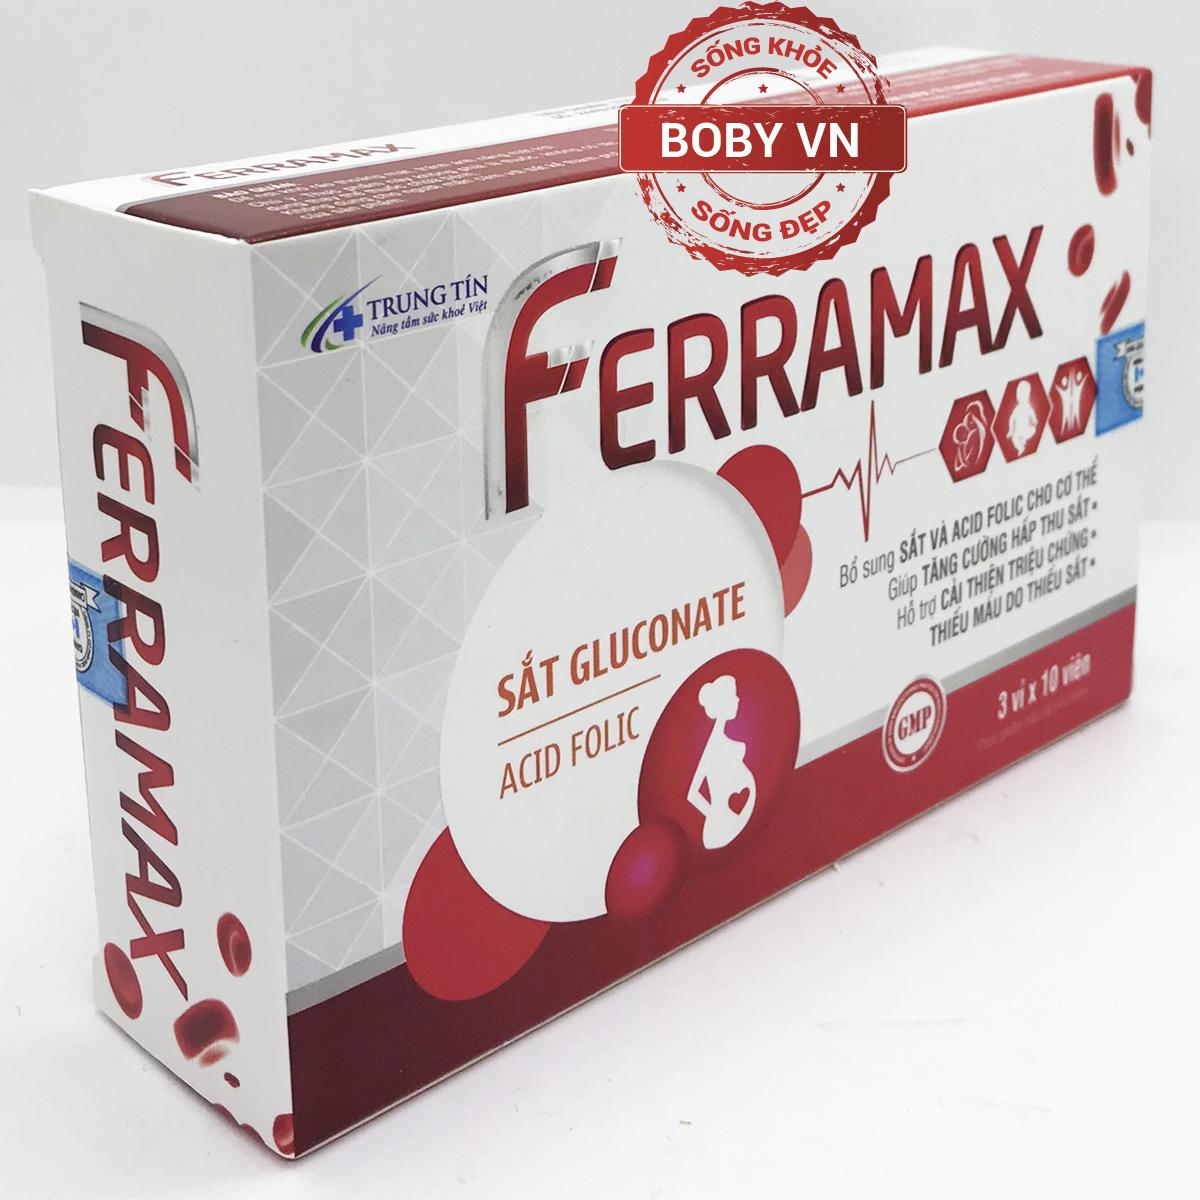 Ferramax bổ sung sắt và acid folic cho cơ thể